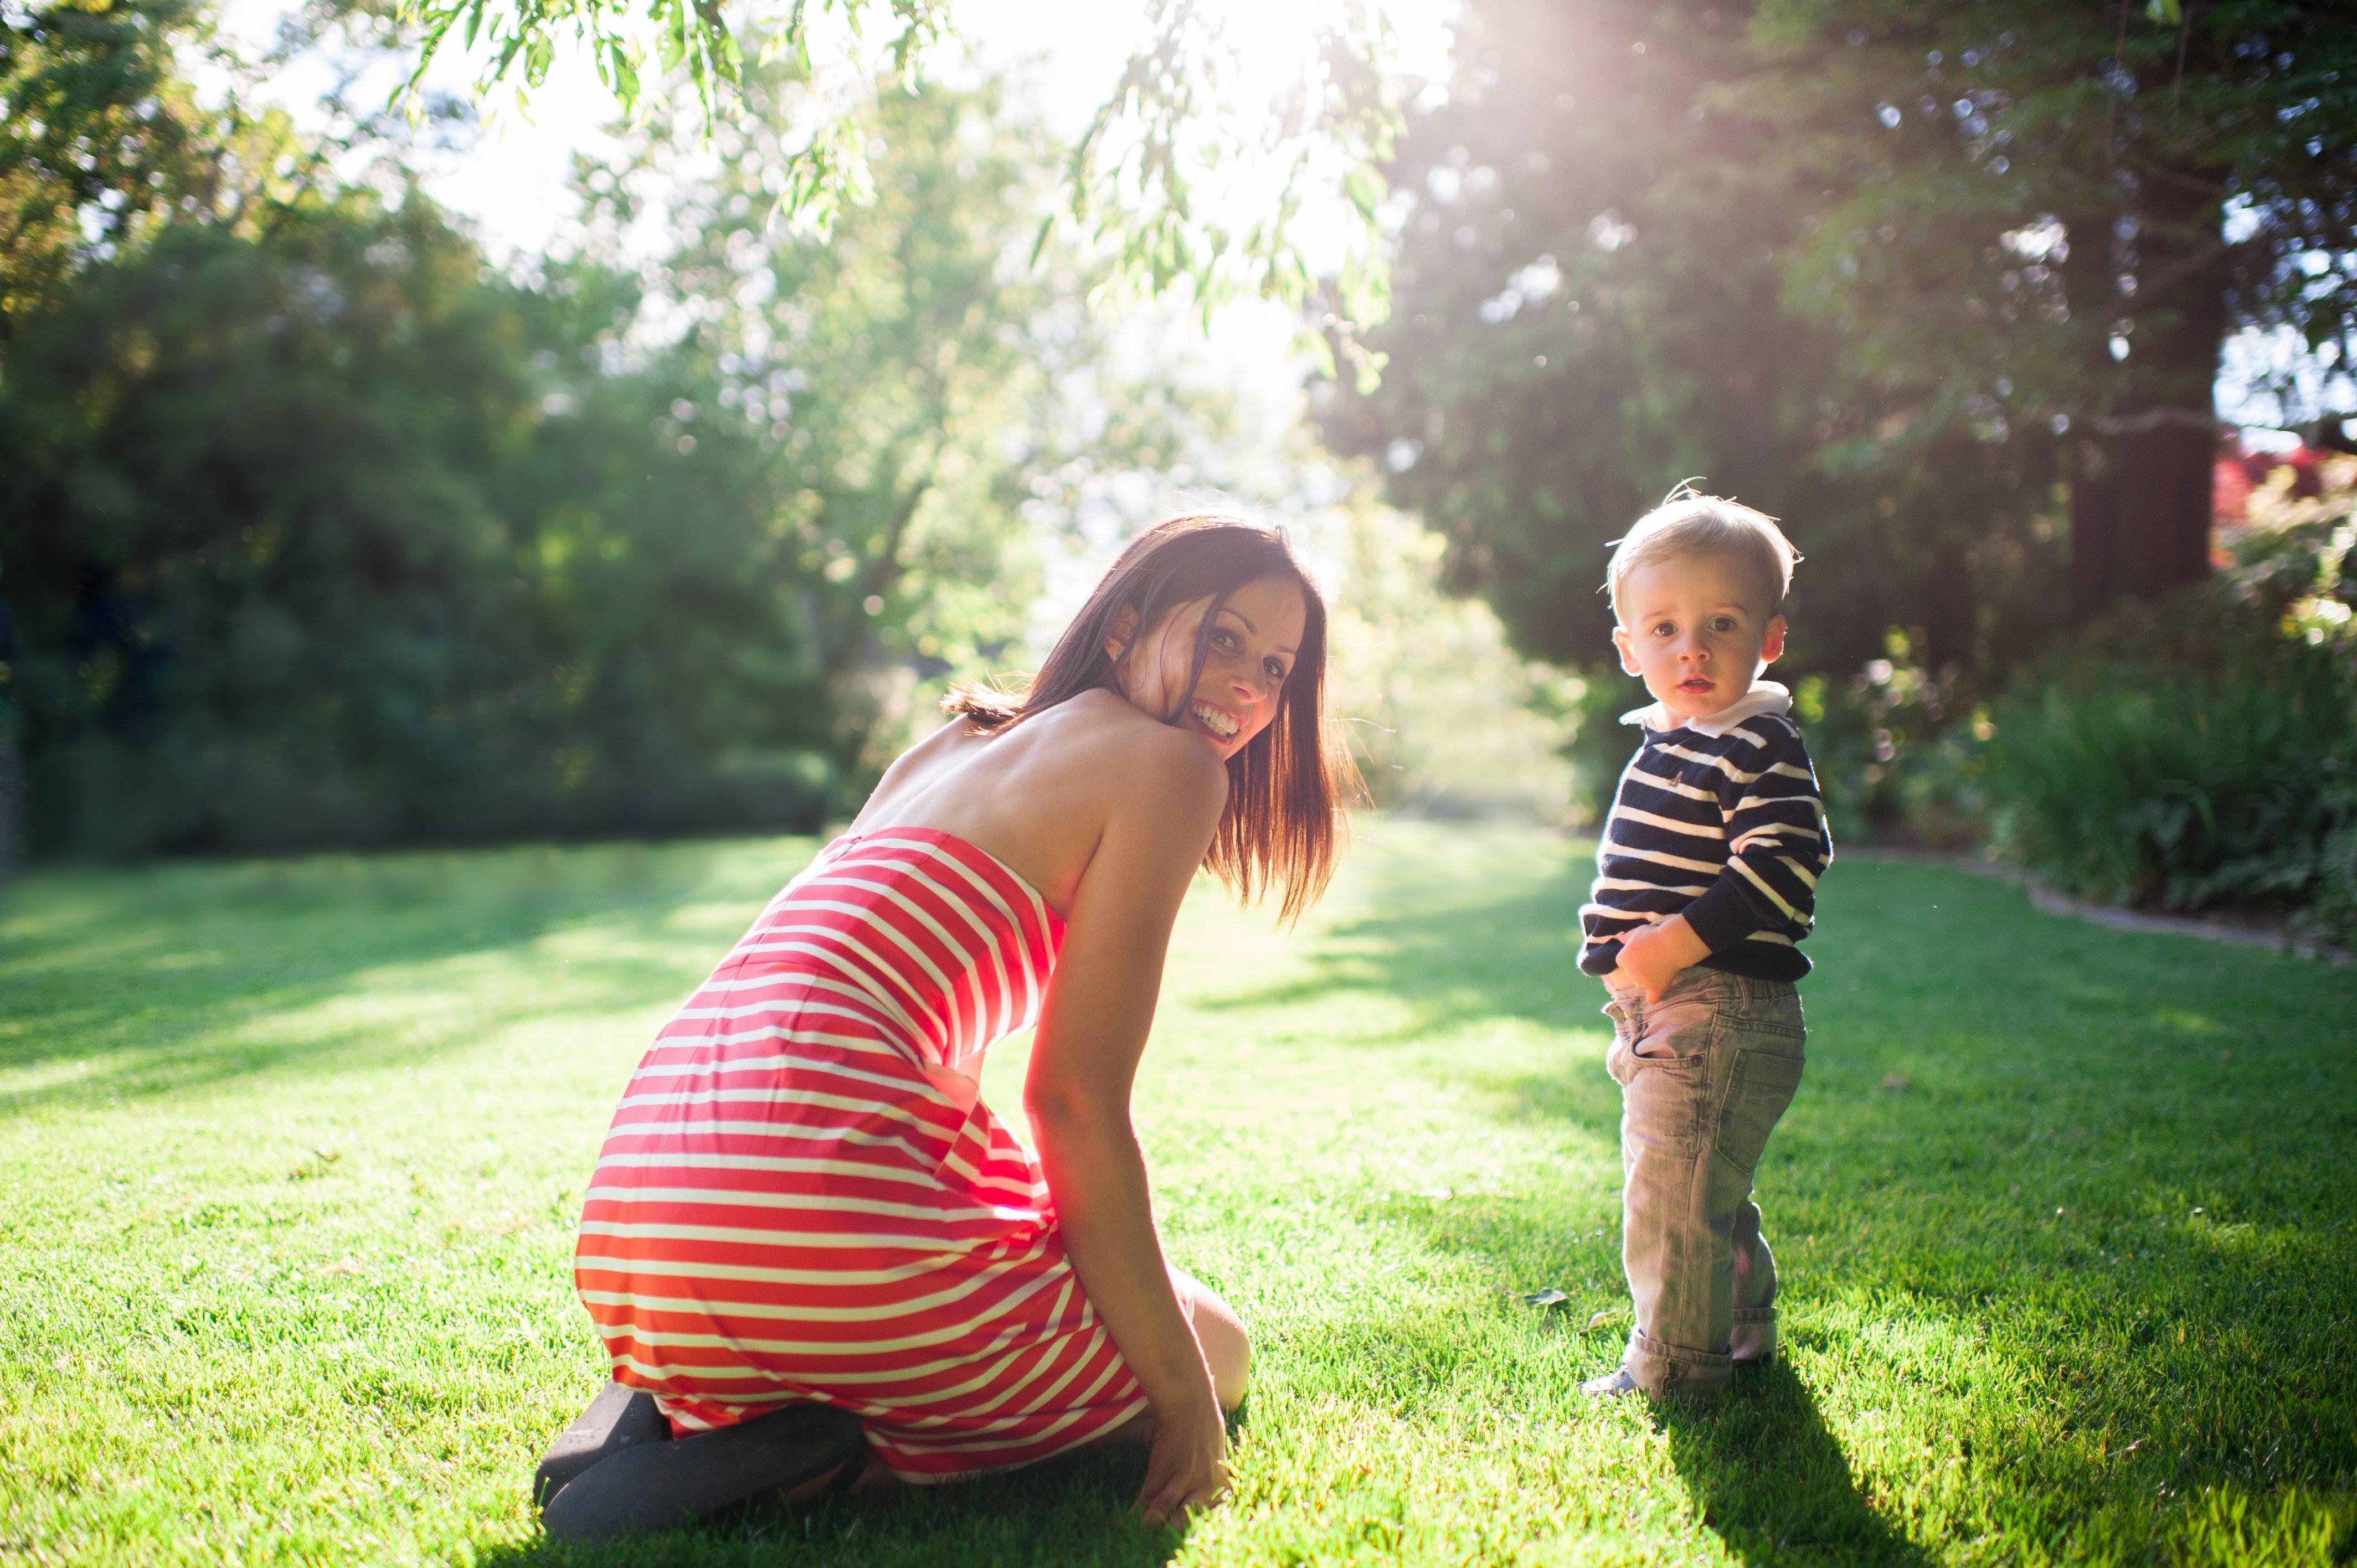 14 фраз, которые бесят мам мальчиков